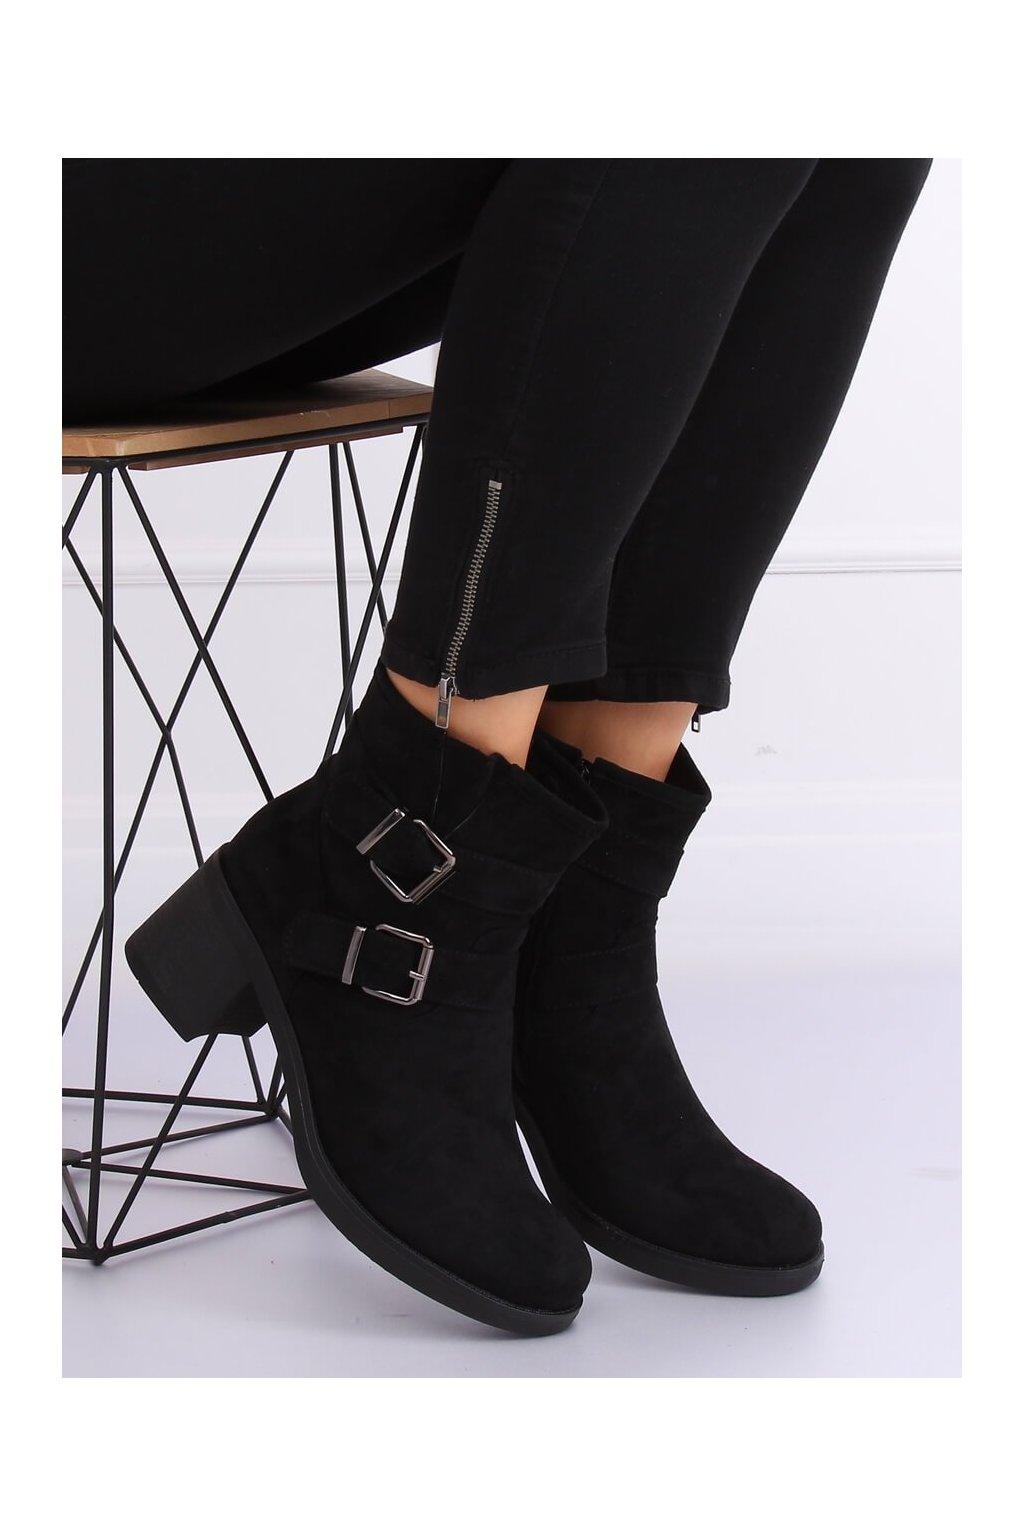 Dámske členkové topánky čierne na širokom podpätku TX-1815